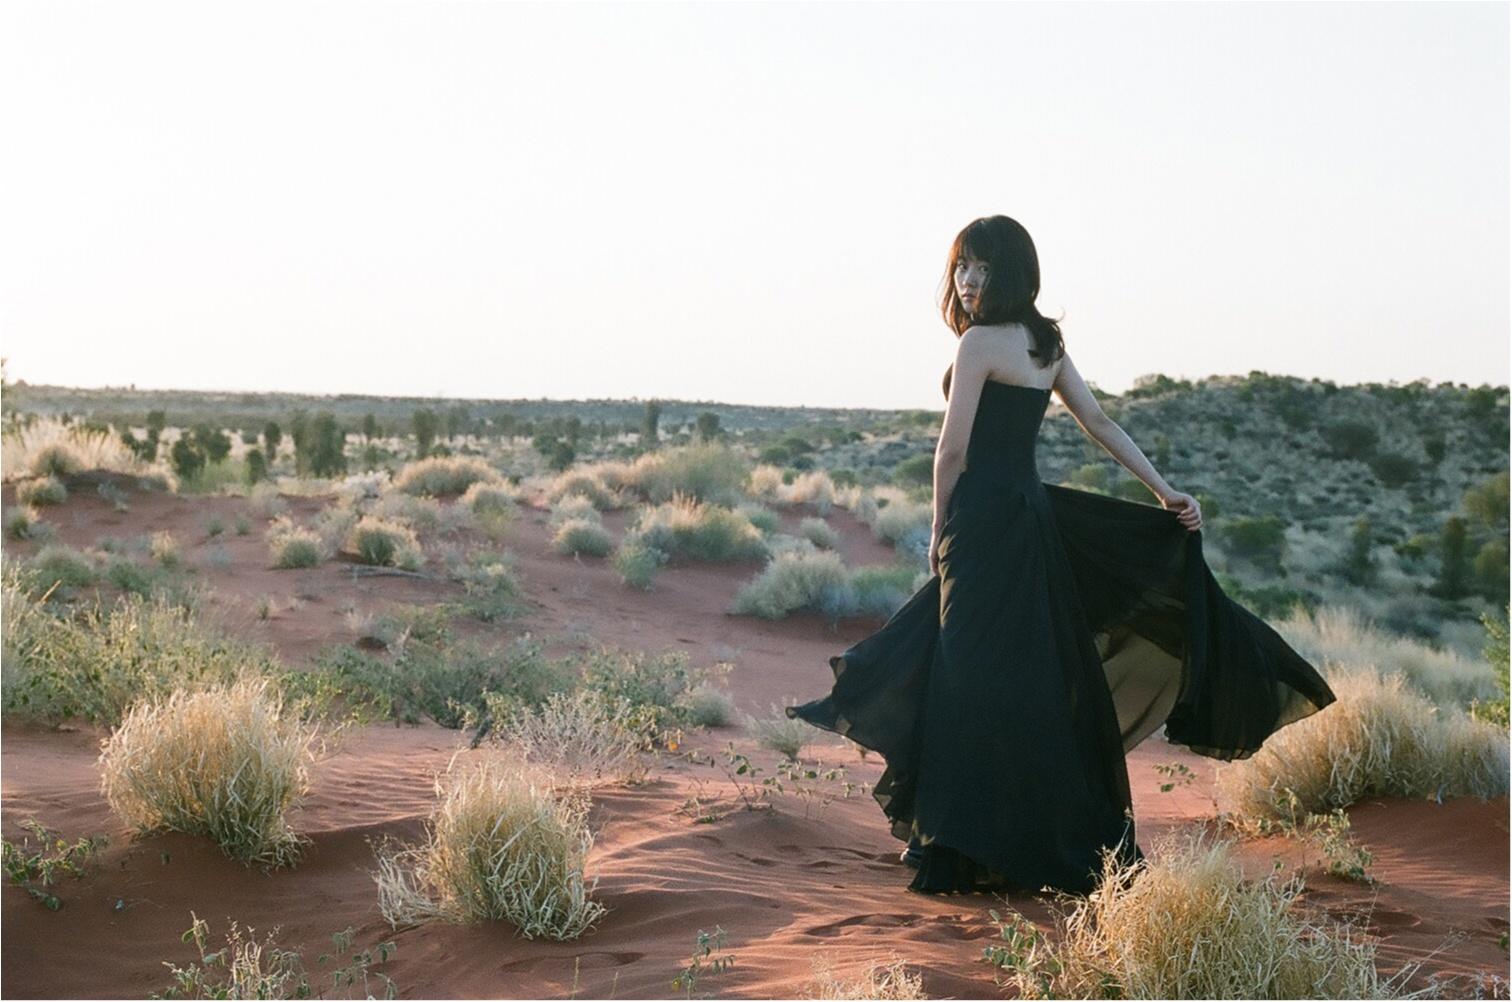 今日が25歳のバースディ! 女優・有村架純さんがセルフプロデュースの写真集を発売します!【5/9(水)発売予定】_2_1